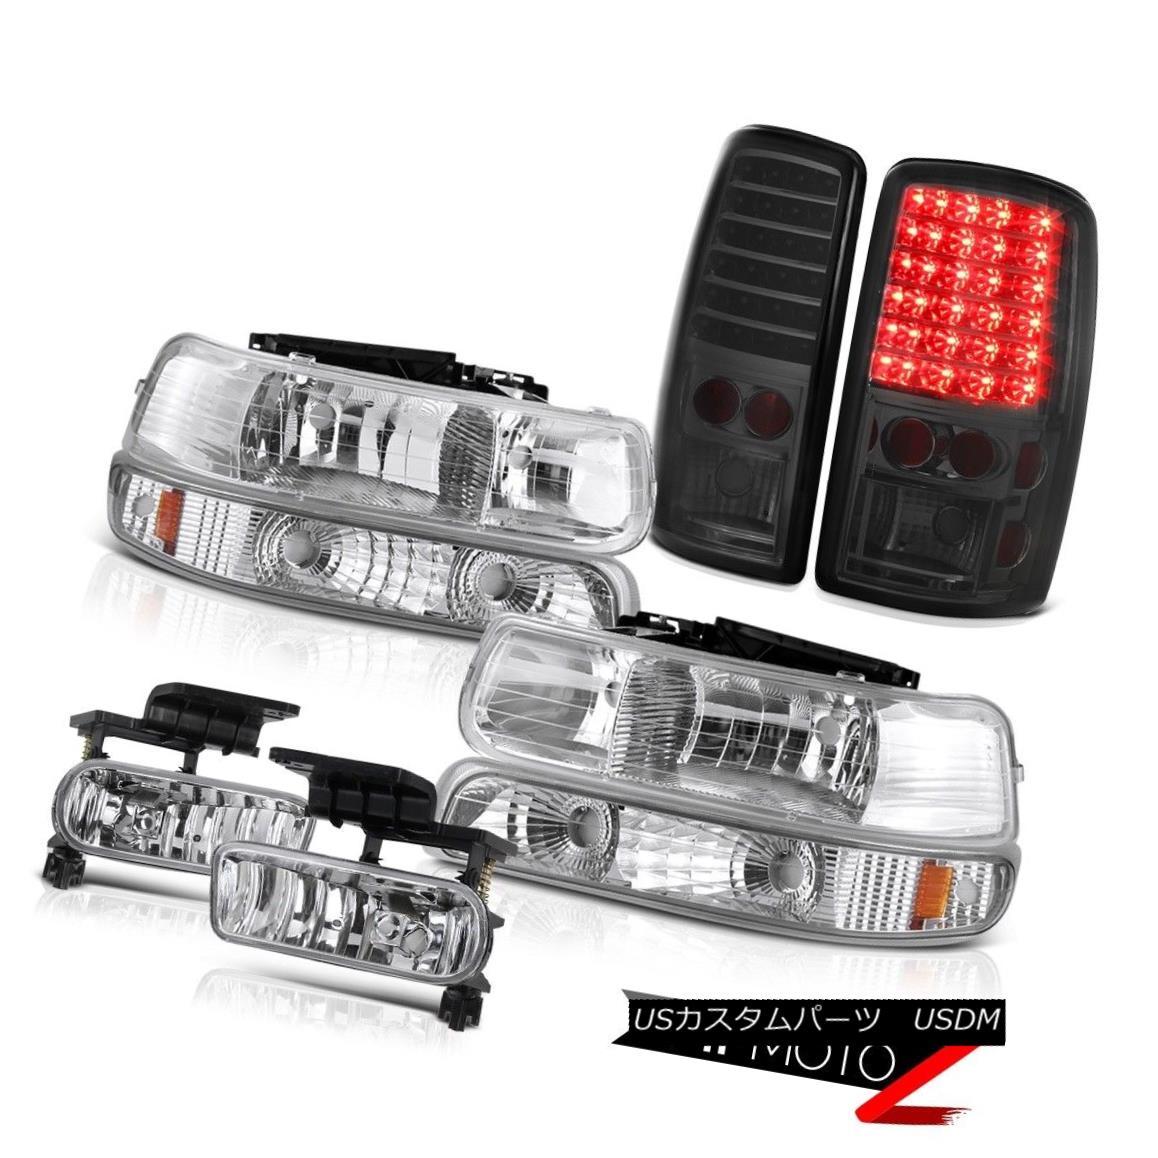 ヘッドライト Euro Headlight Smoke LED Taillight 00 01 02 03 04 05 06 Suburban 8.1L Bumper Fog ユーロヘッドライト煙LEDテールライト00 01 02 03 04 05 06郊外8.1Lバンパーフォグ